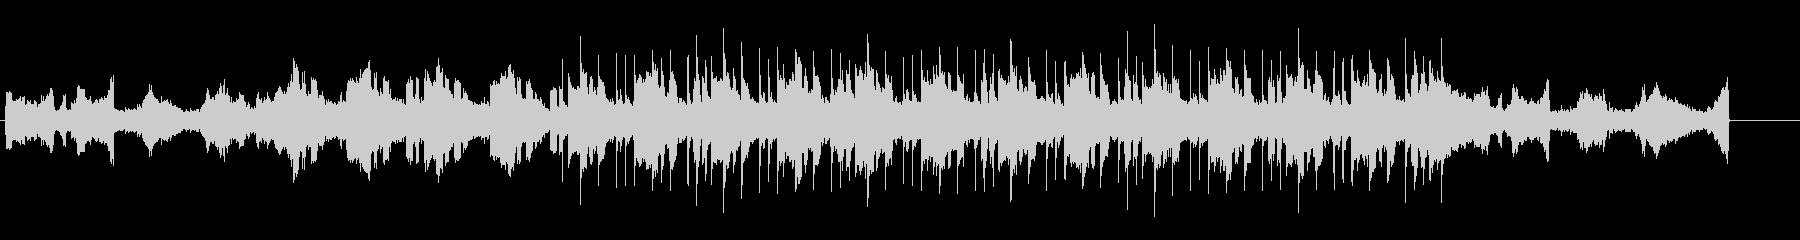 ノスタルジックなアンビエント風BGMの未再生の波形